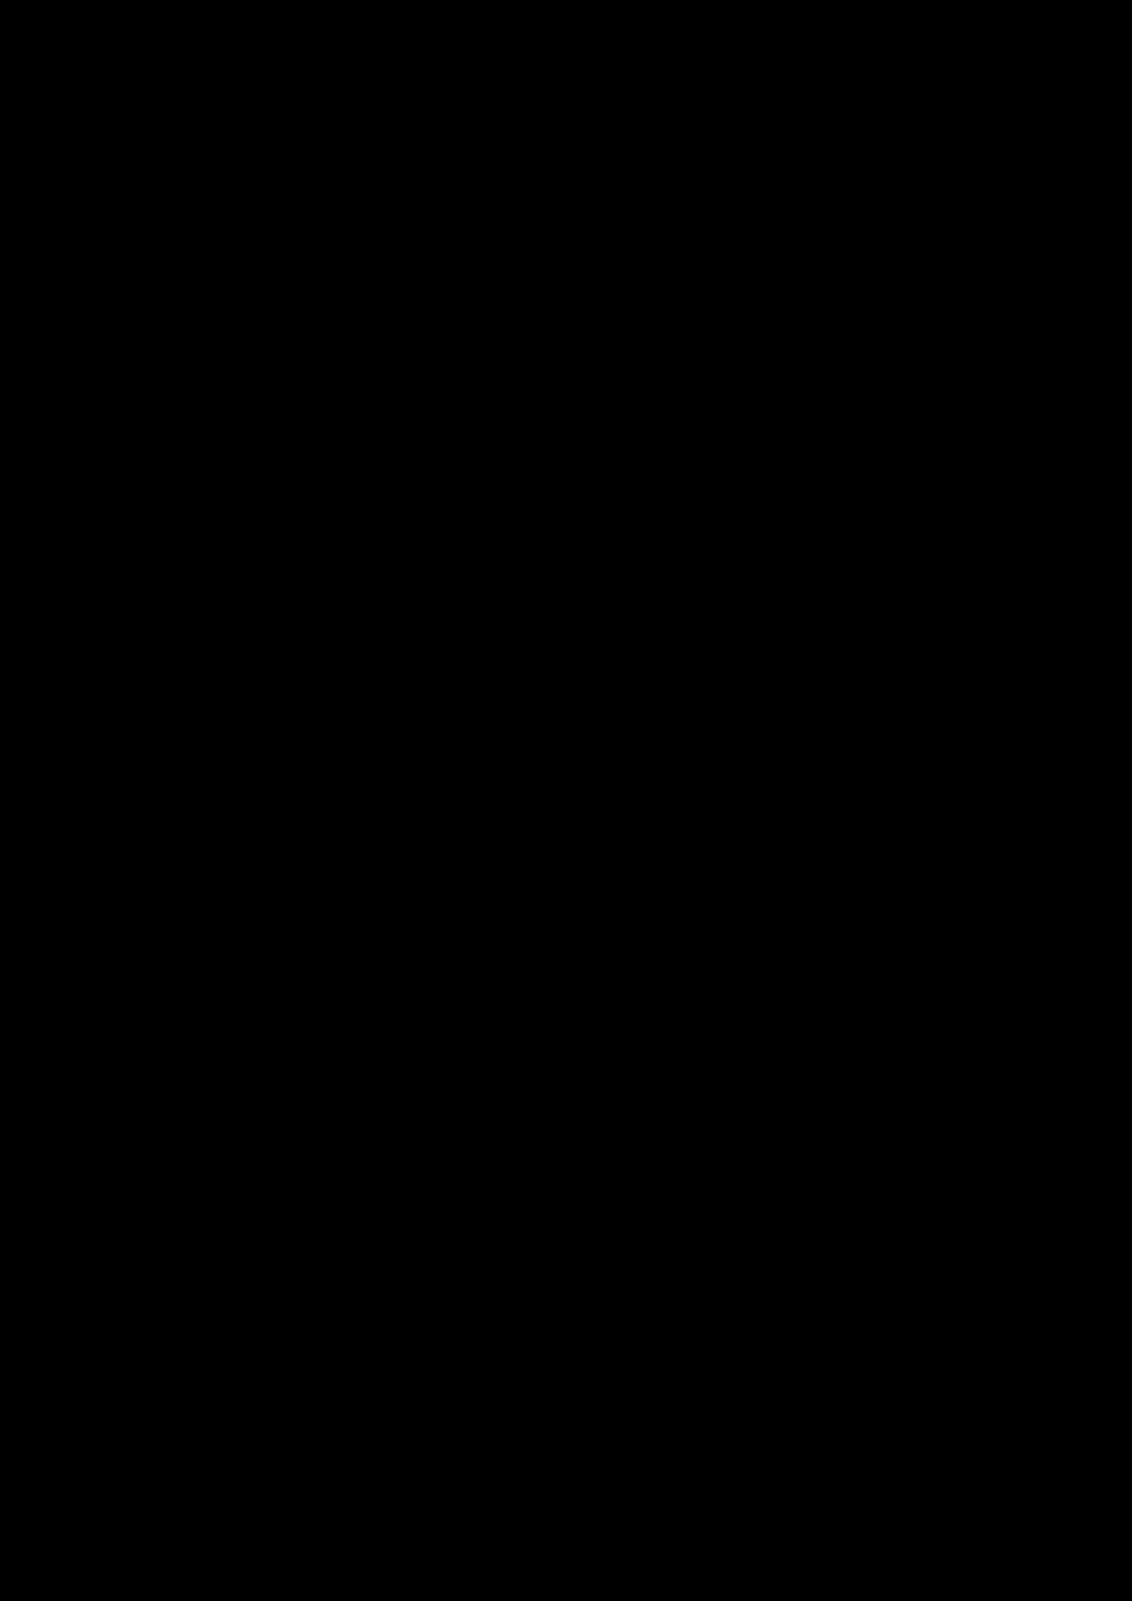 Proschanie s volshebnoy stranoy slide, Image 72